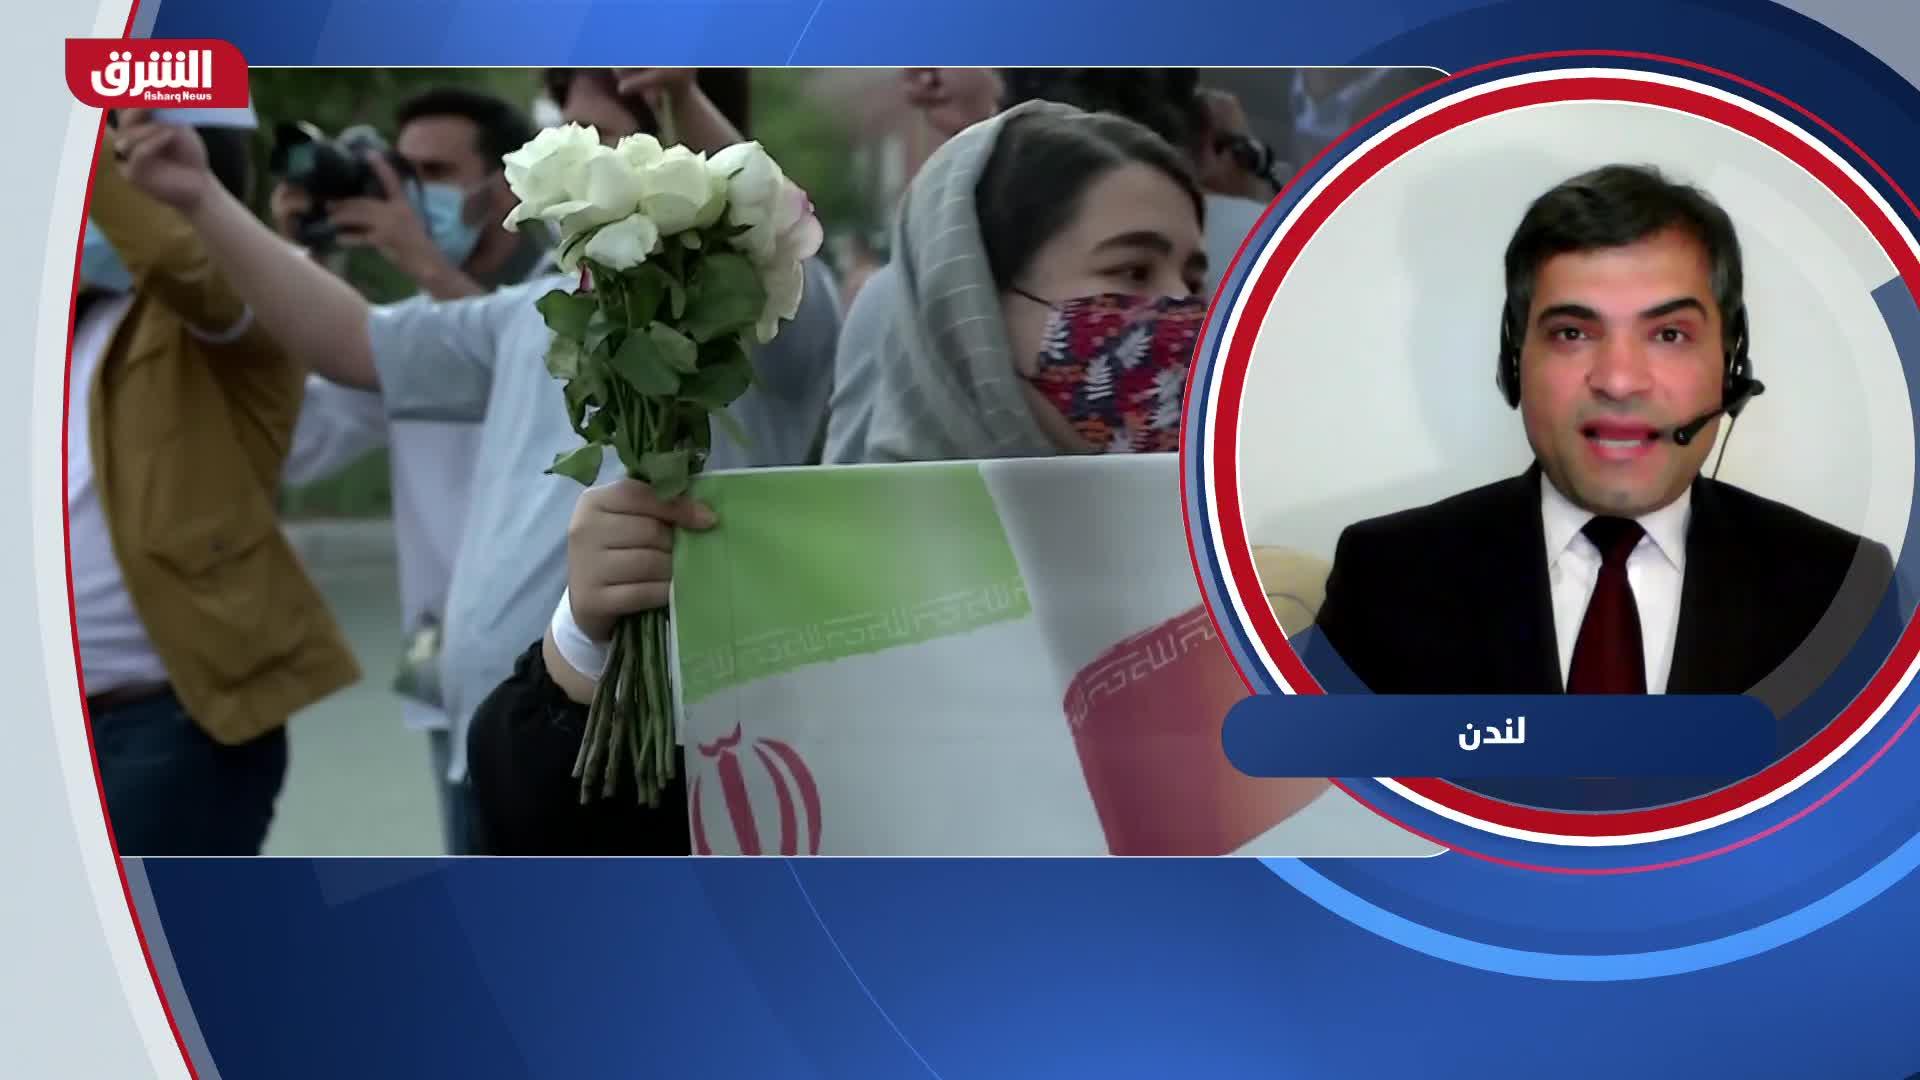 تطورات مشهد الانتخابات الرئاسية الإيرانية